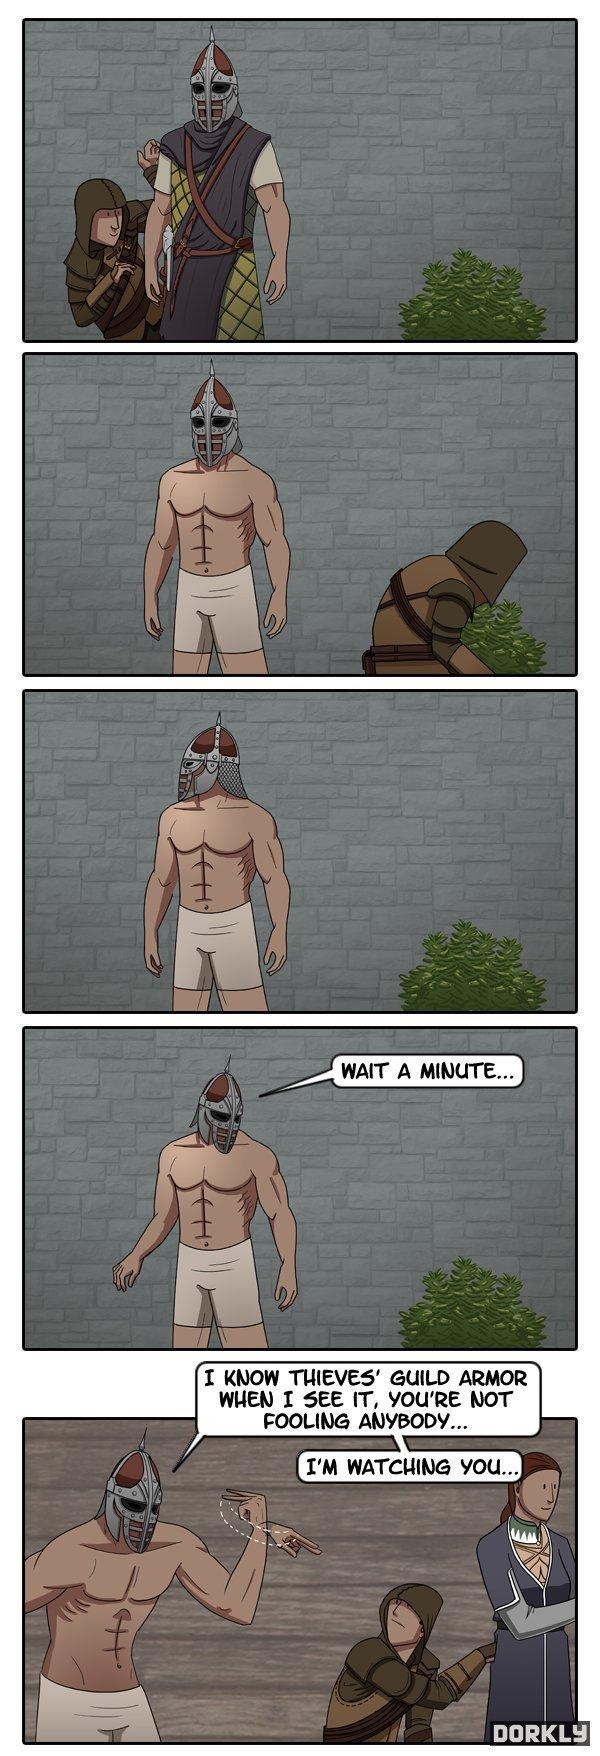 Catching a skyrim thief. . rti'. MFW I've never played Skyrim